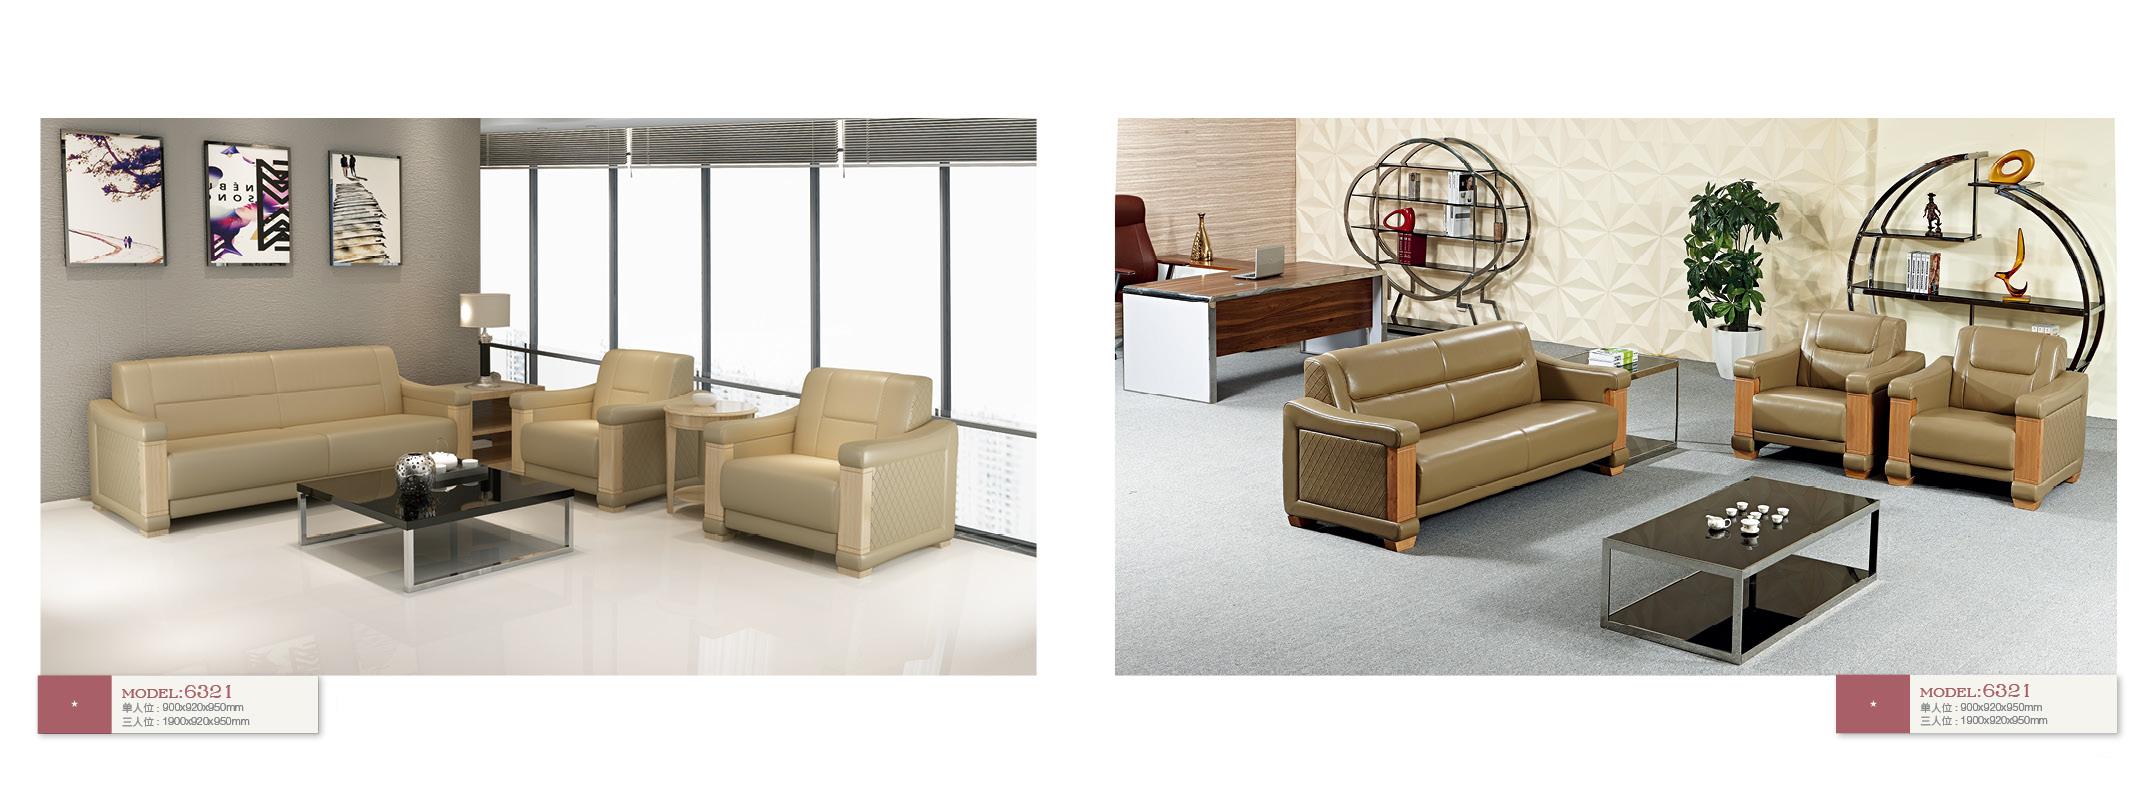 沙发套组6321